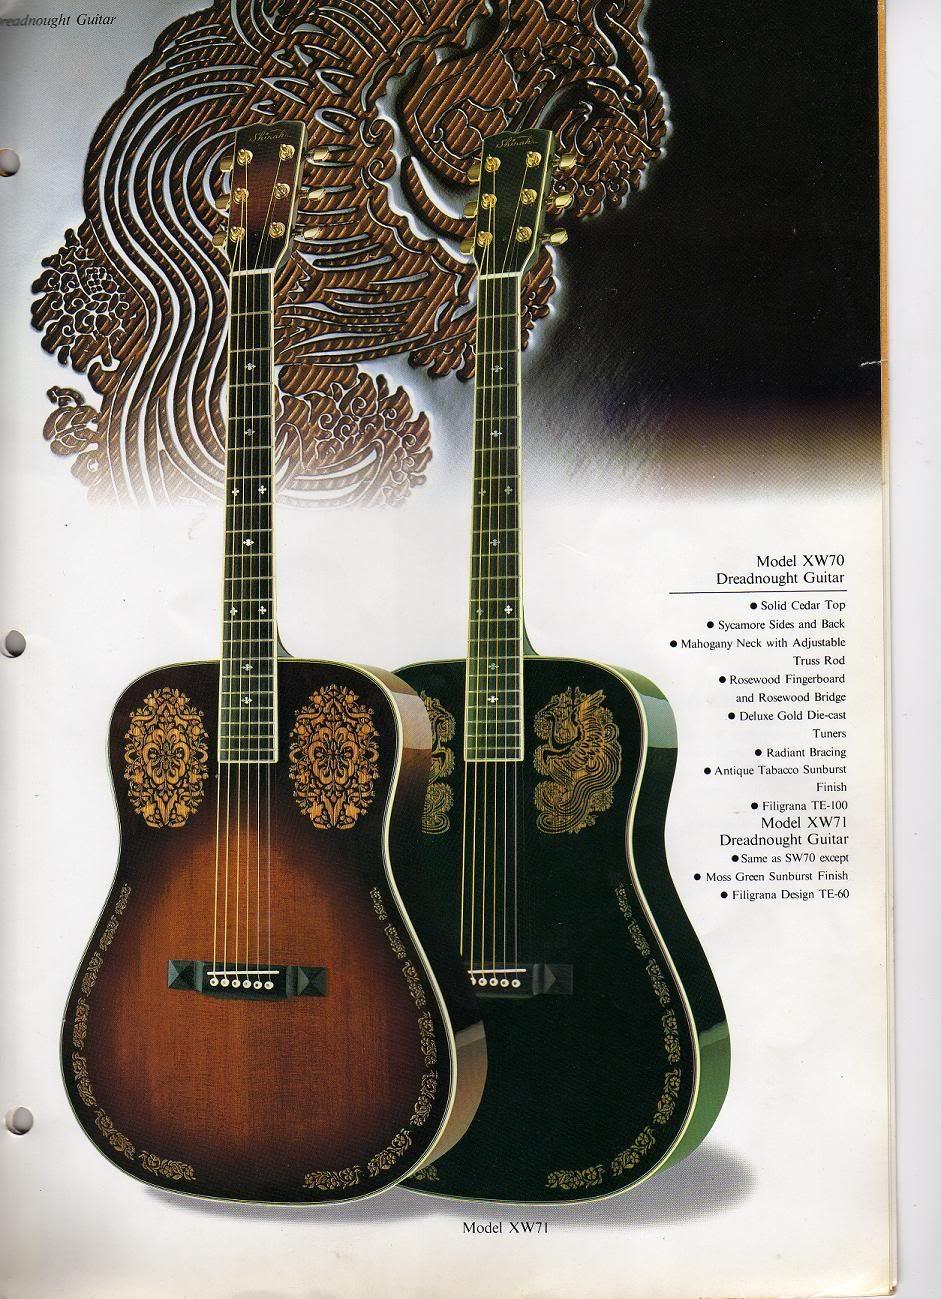 Shiraki XW71 - I own one of these.